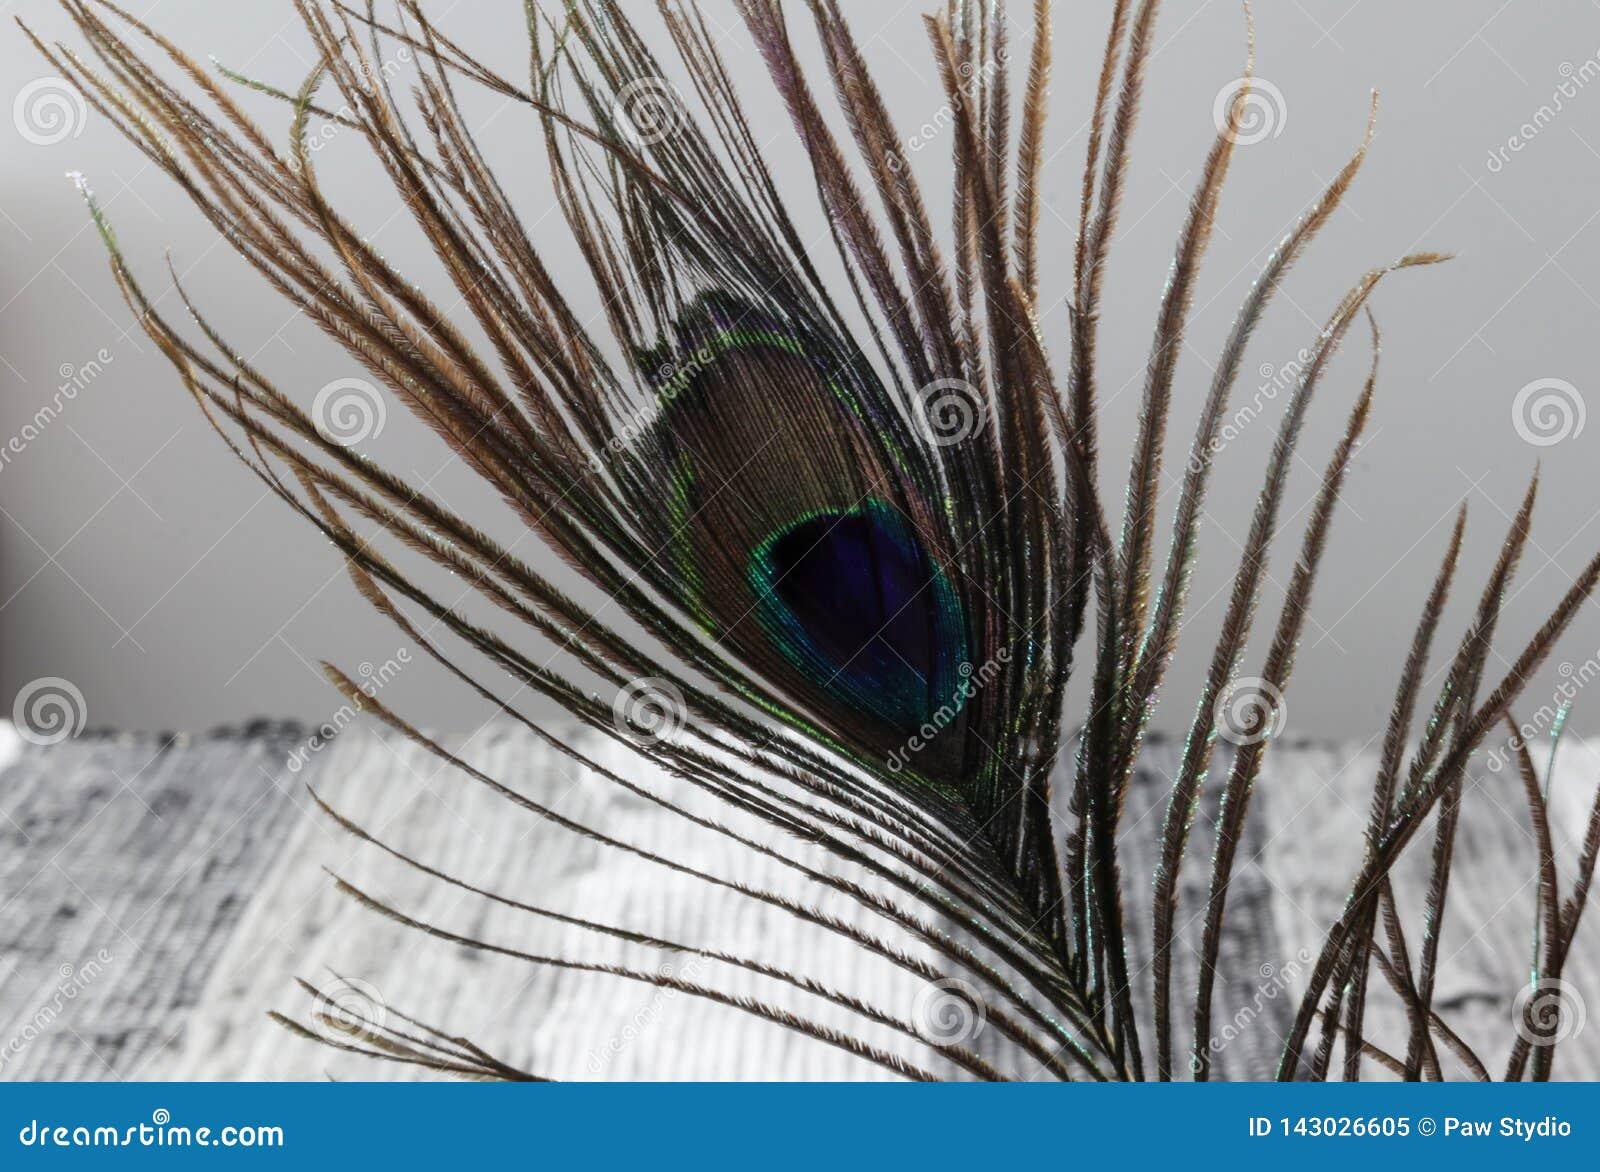 επενδύει με φτερά peacock ρηχό λευκό πεδίων φτερών βάθους ανασκόπησης μαύρο Ζωηρόχρωμα φτερά peacock σύσταση φτερών